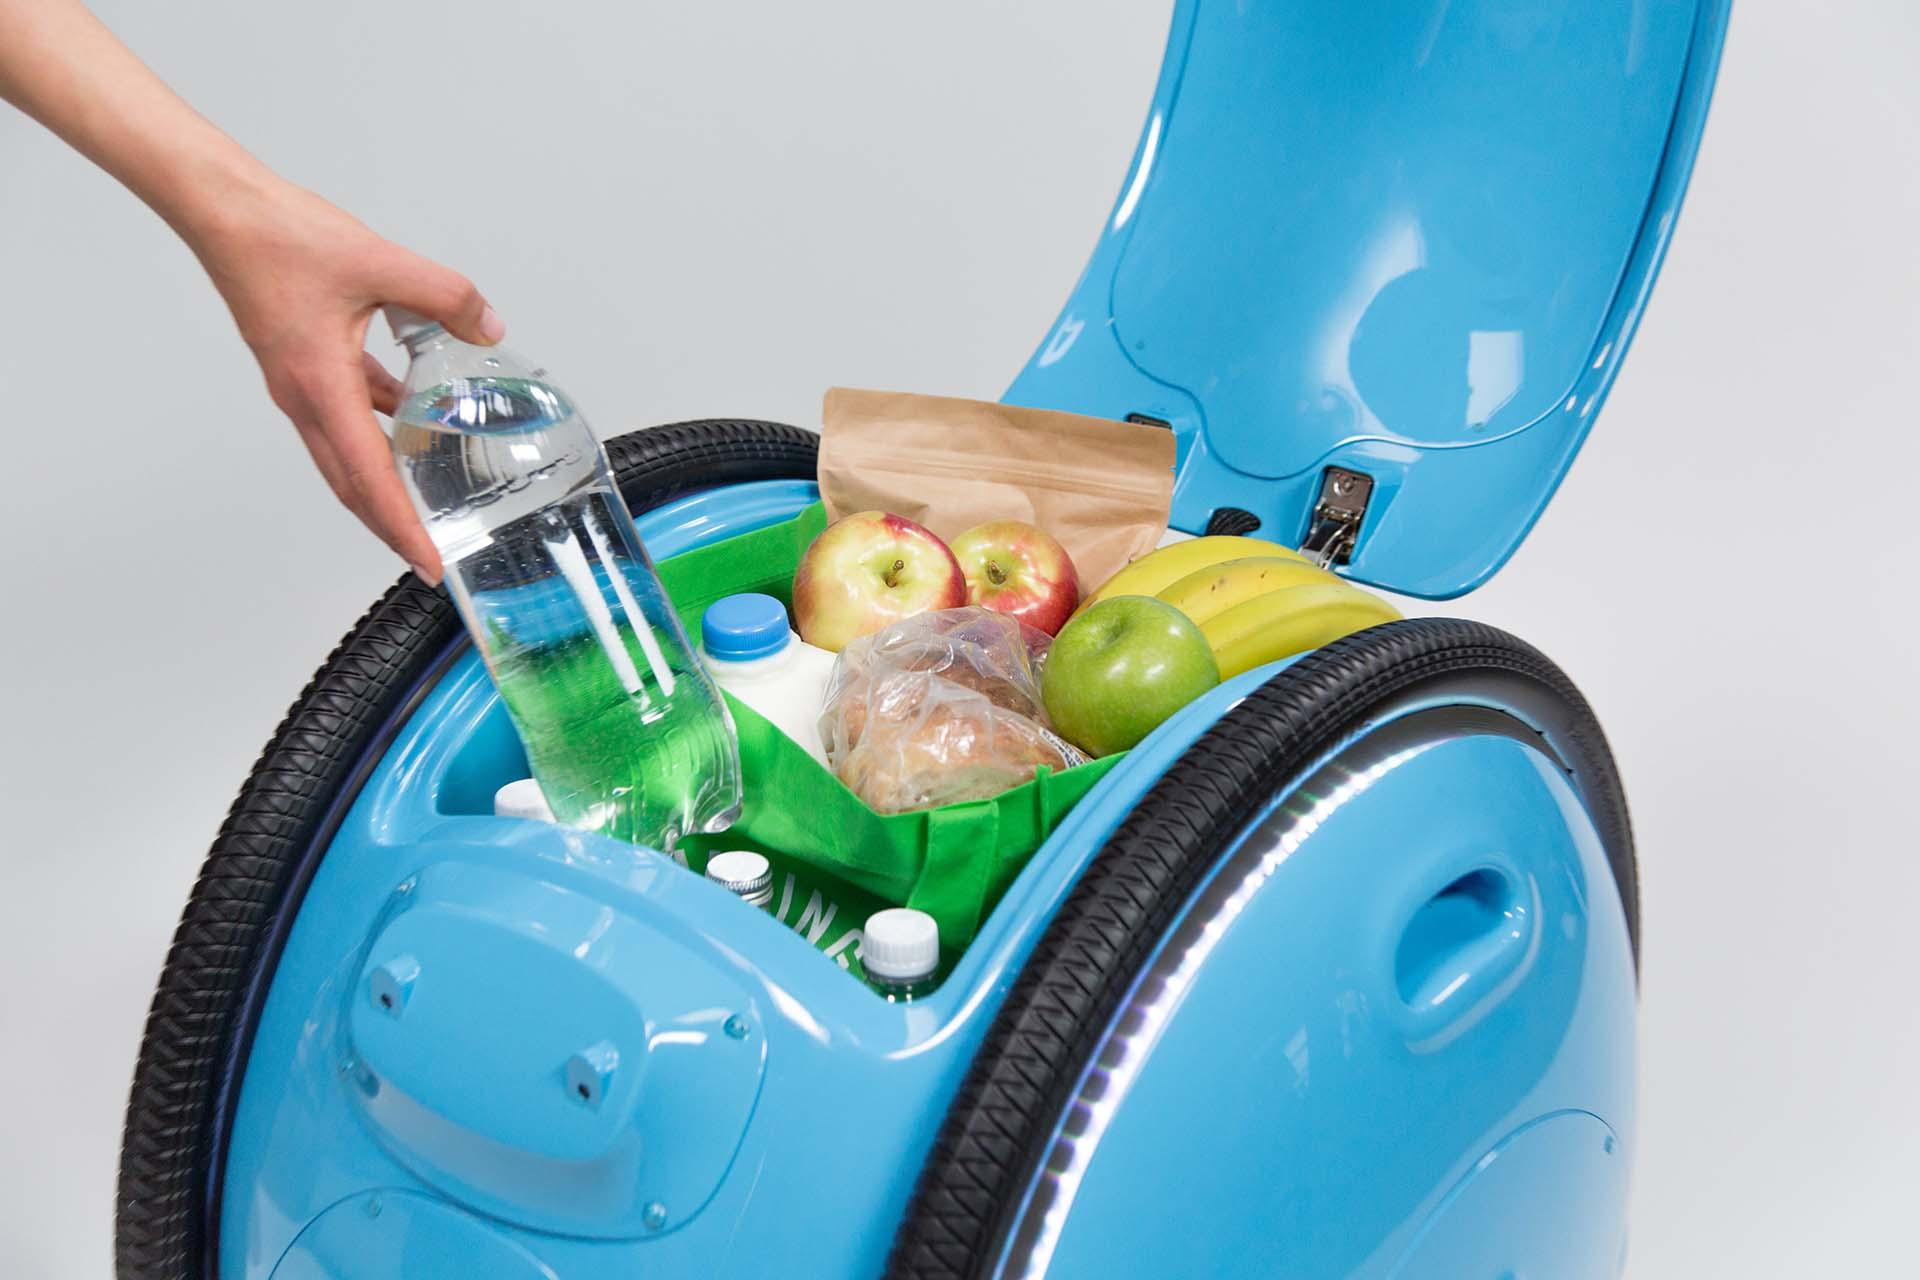 A Gita, nome da invenção, serve também para transportar as compras do supermercado